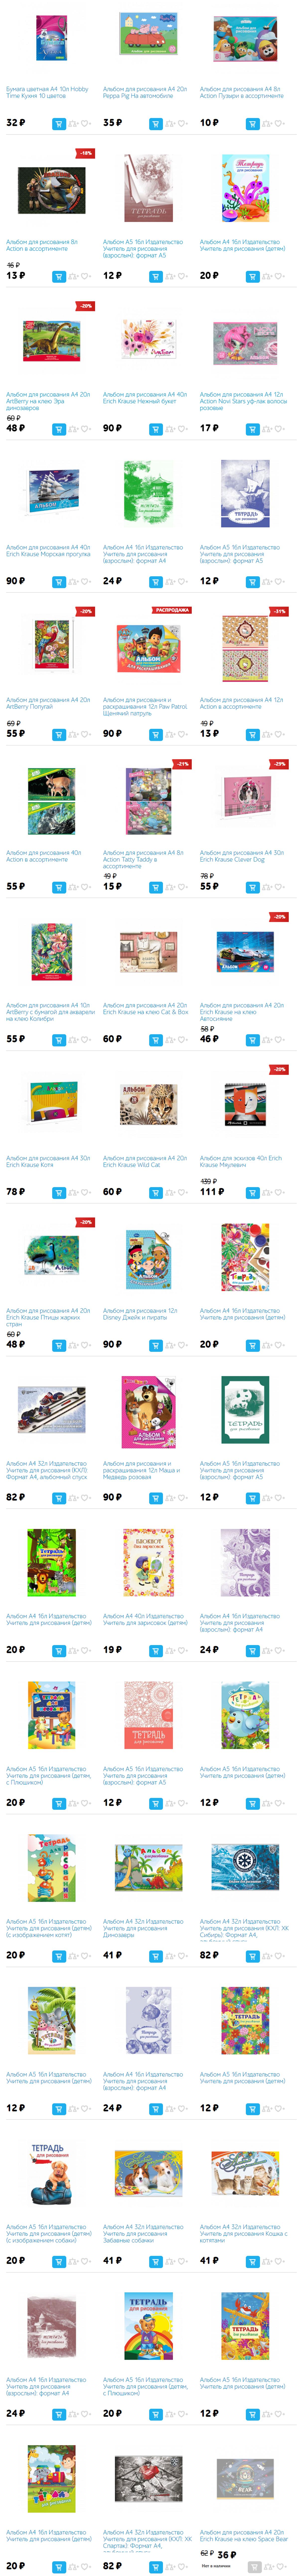 Альбомы и бумага для рисования в каталоге Дочки-Сыночки Вольск